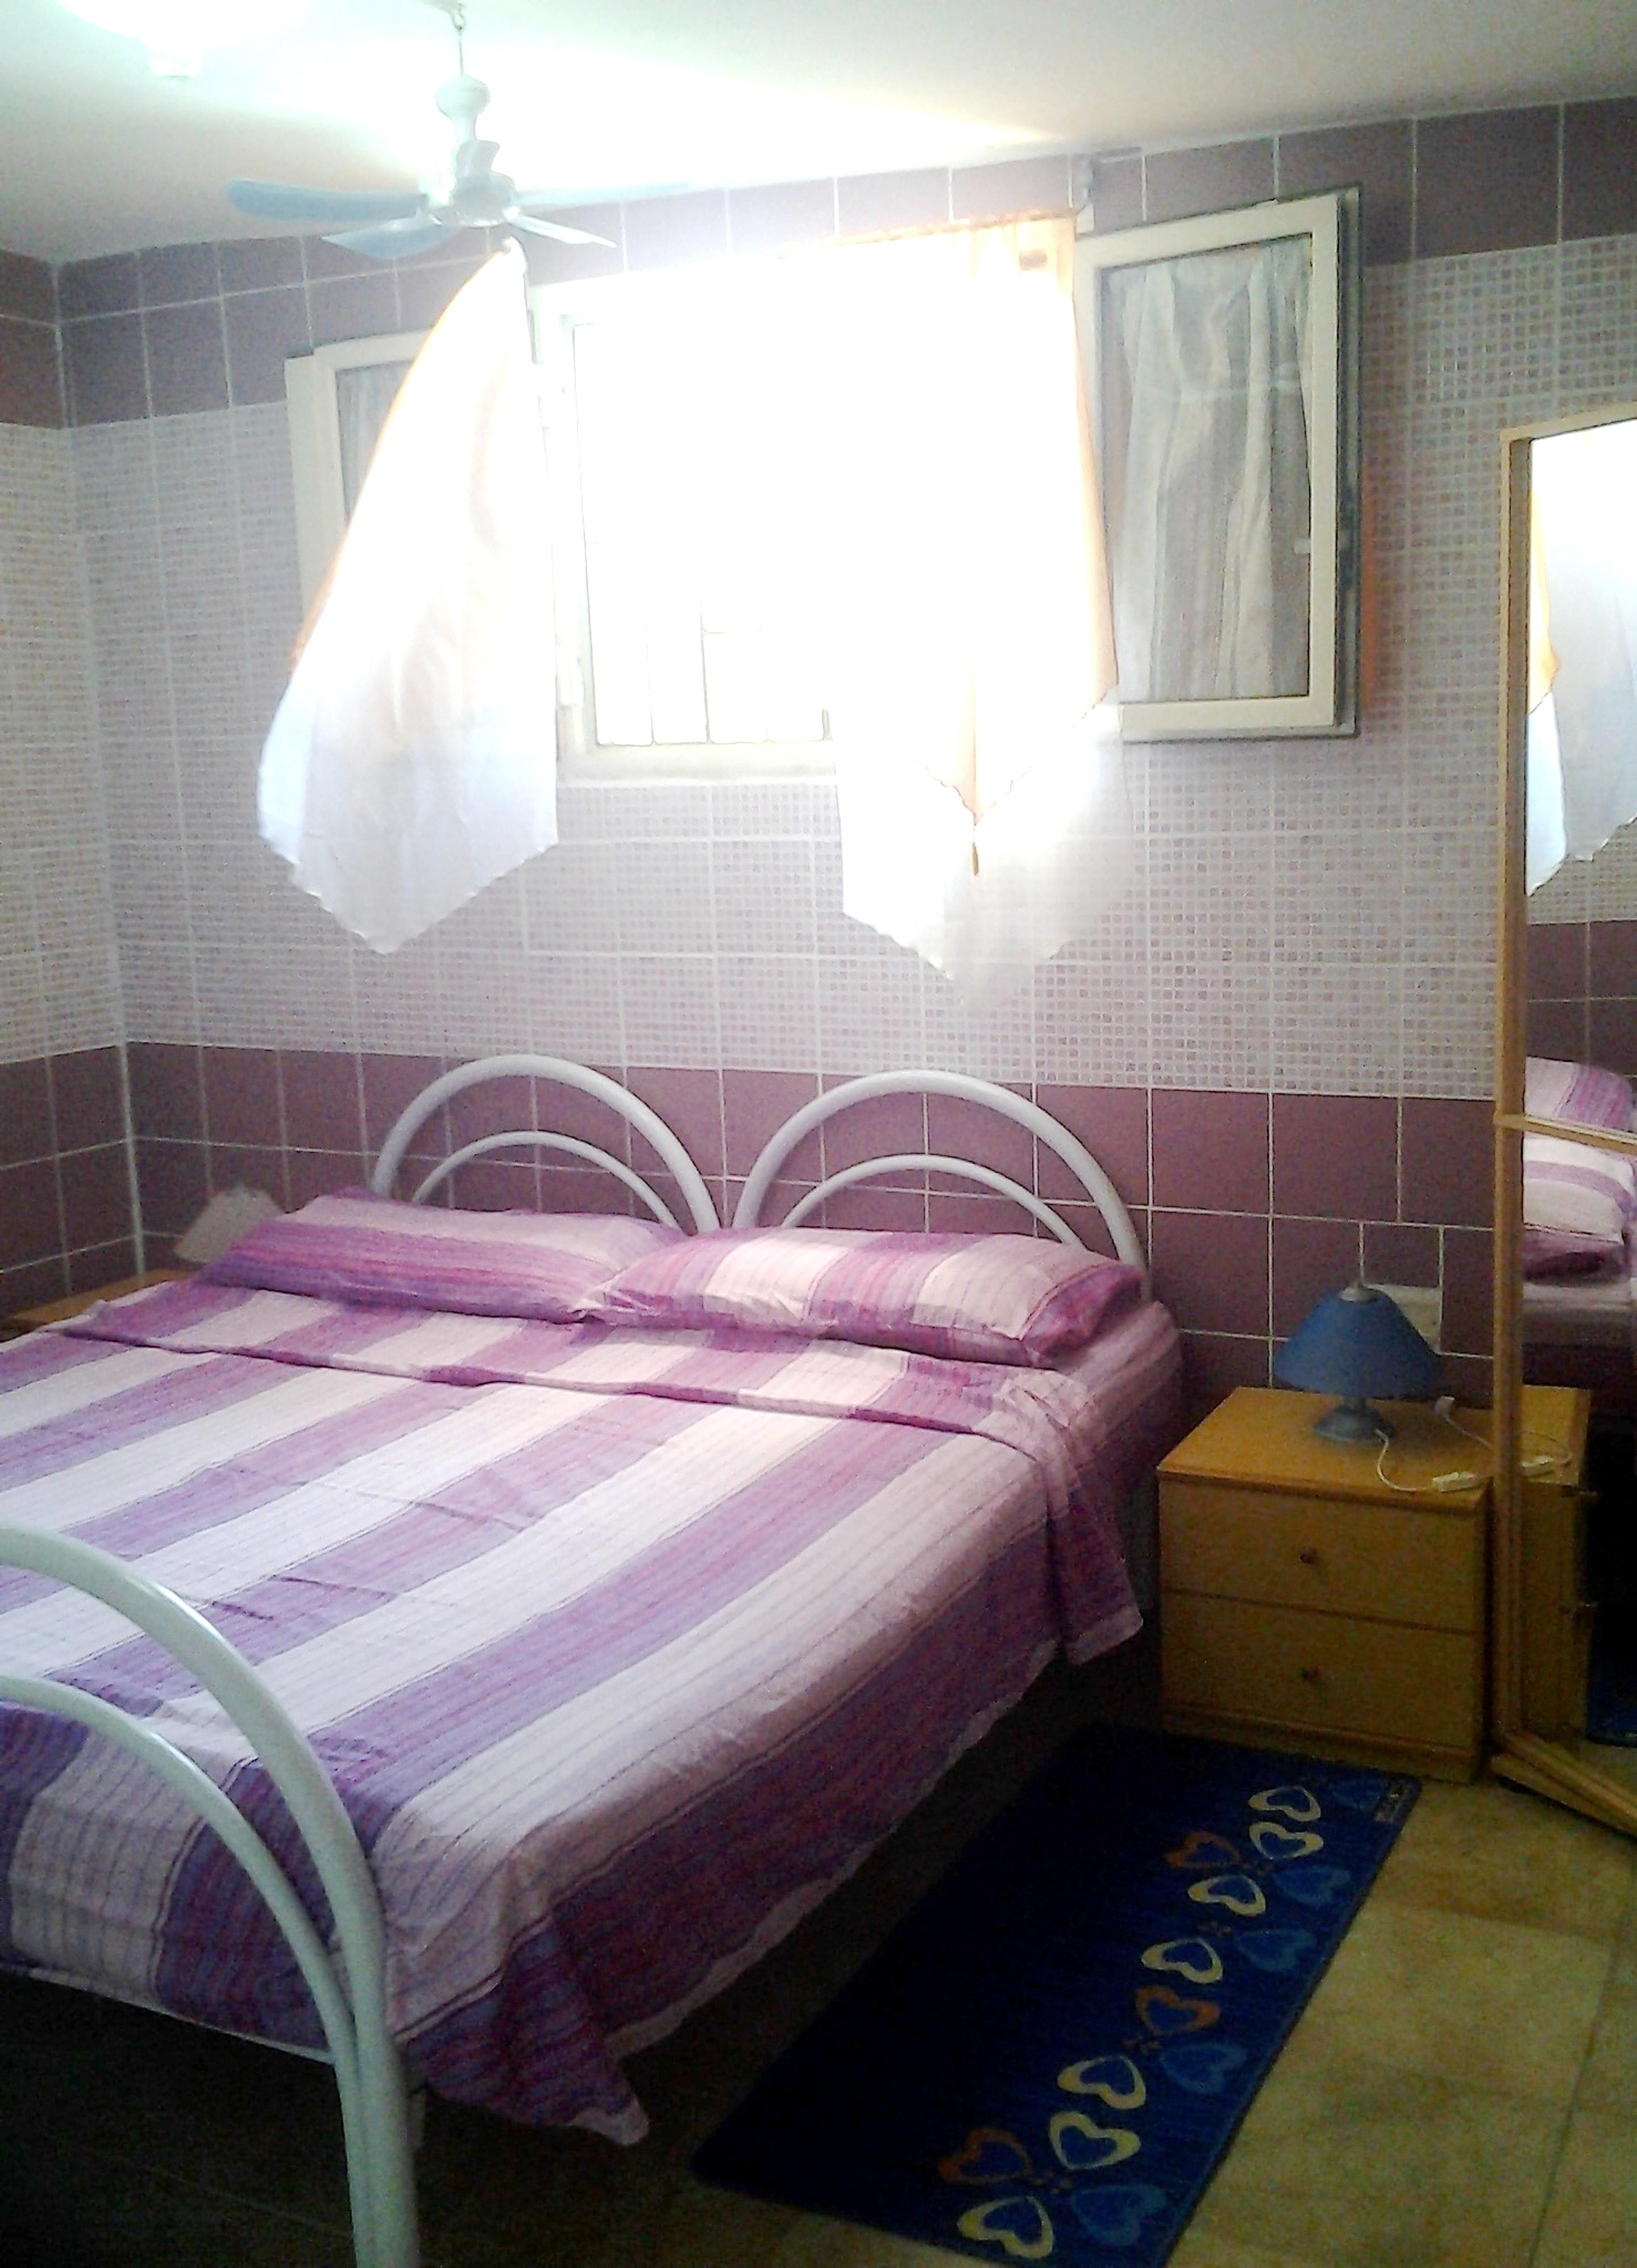 Ferienhaus Haus mit 2 Schlafzimmern in Porto Cesareo (Lecce) mit Pool, möbliertem Garten und W-LAN (2201032), Porto Cesareo, Lecce, Apulien, Italien, Bild 13